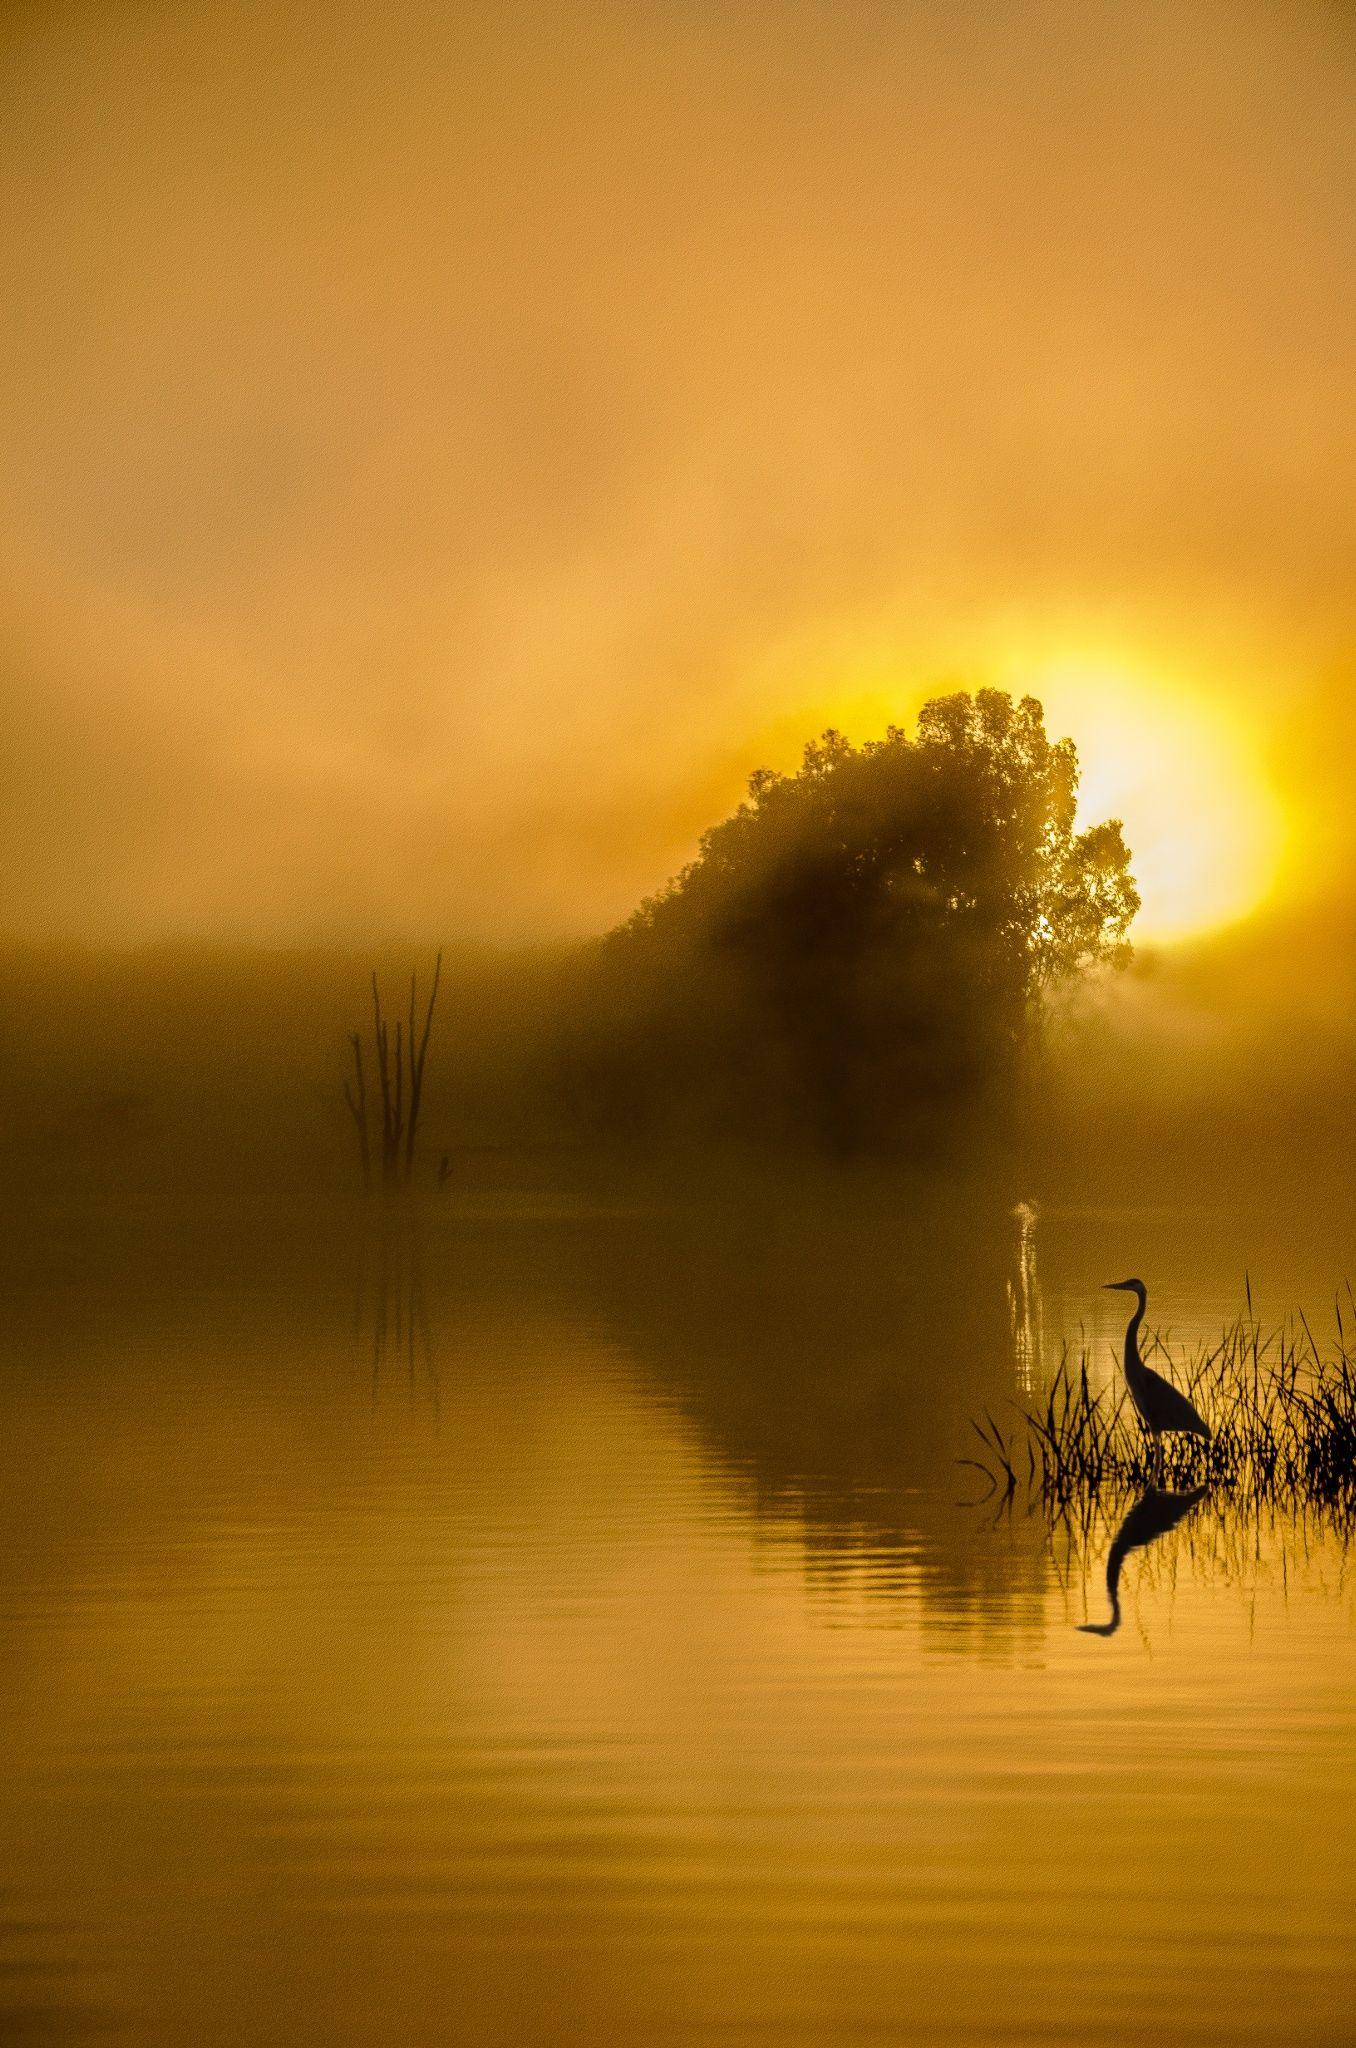 Morning S Glory Fotos De Paisagem Imagens Maravilhosas Lindas